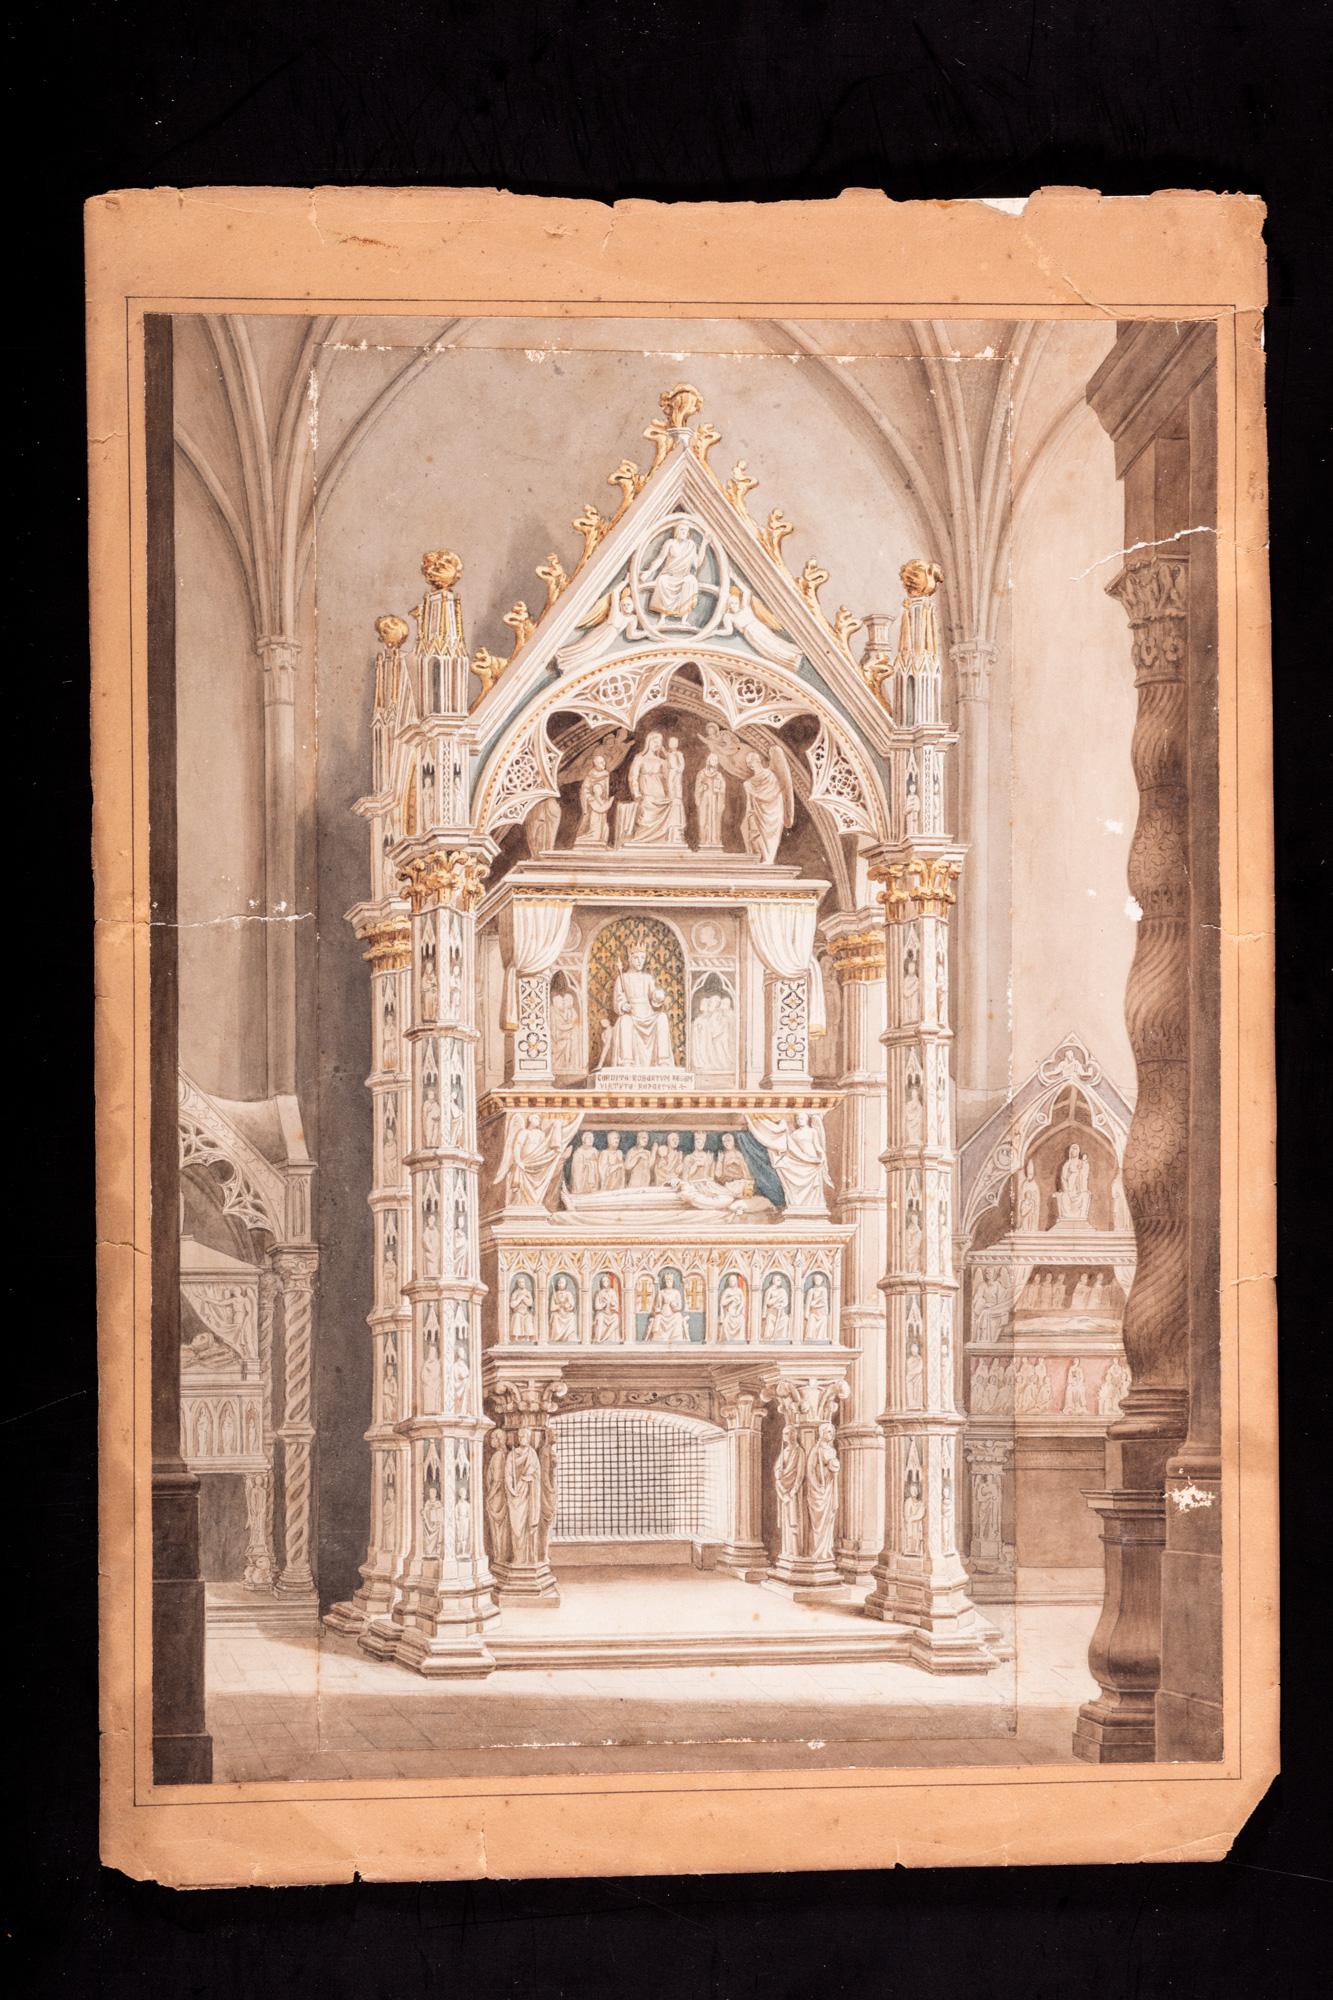 Il sepolcro di Roberto d'Angiò a Napoli; e veduta di una cappella gentilizia con tre sepolcri monumentali